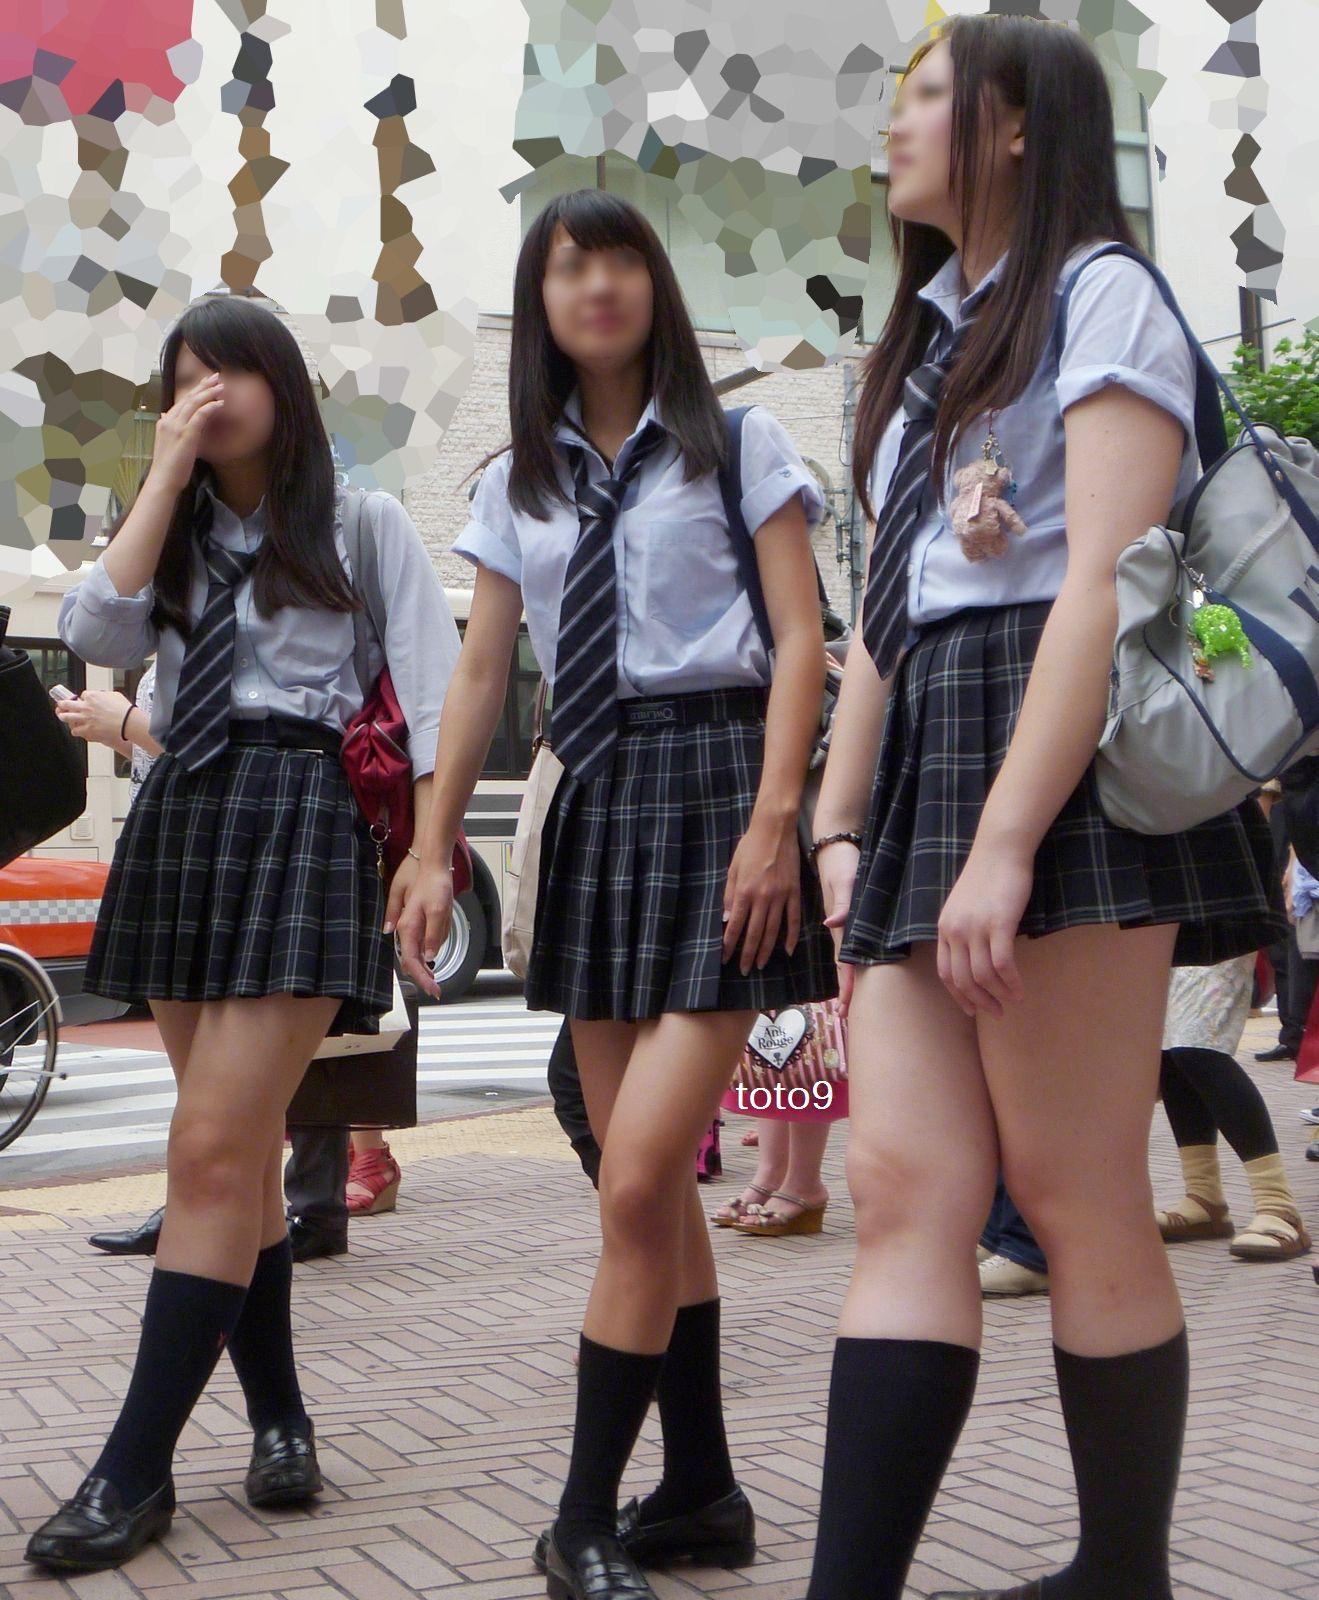 【街撮りJKエロ画像】集団で登下校する女子高生の太ももに(;´Д`)ハァハァするんだがwwww その2